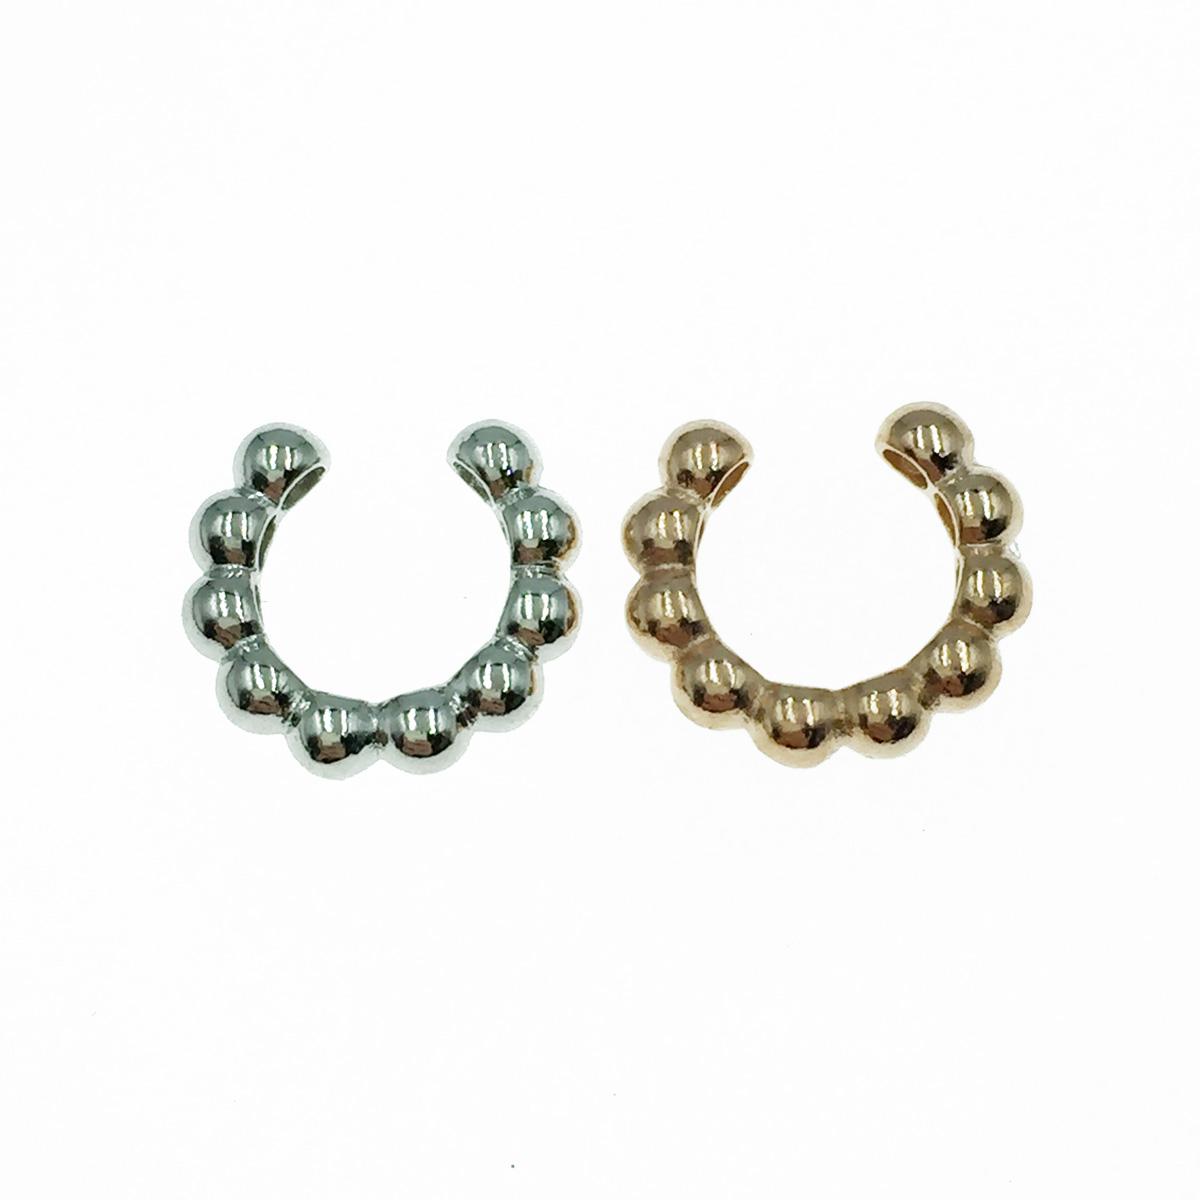 韓國 925純銀銀 小珠珠 簡約款 歐美風 2色 耳骨夾